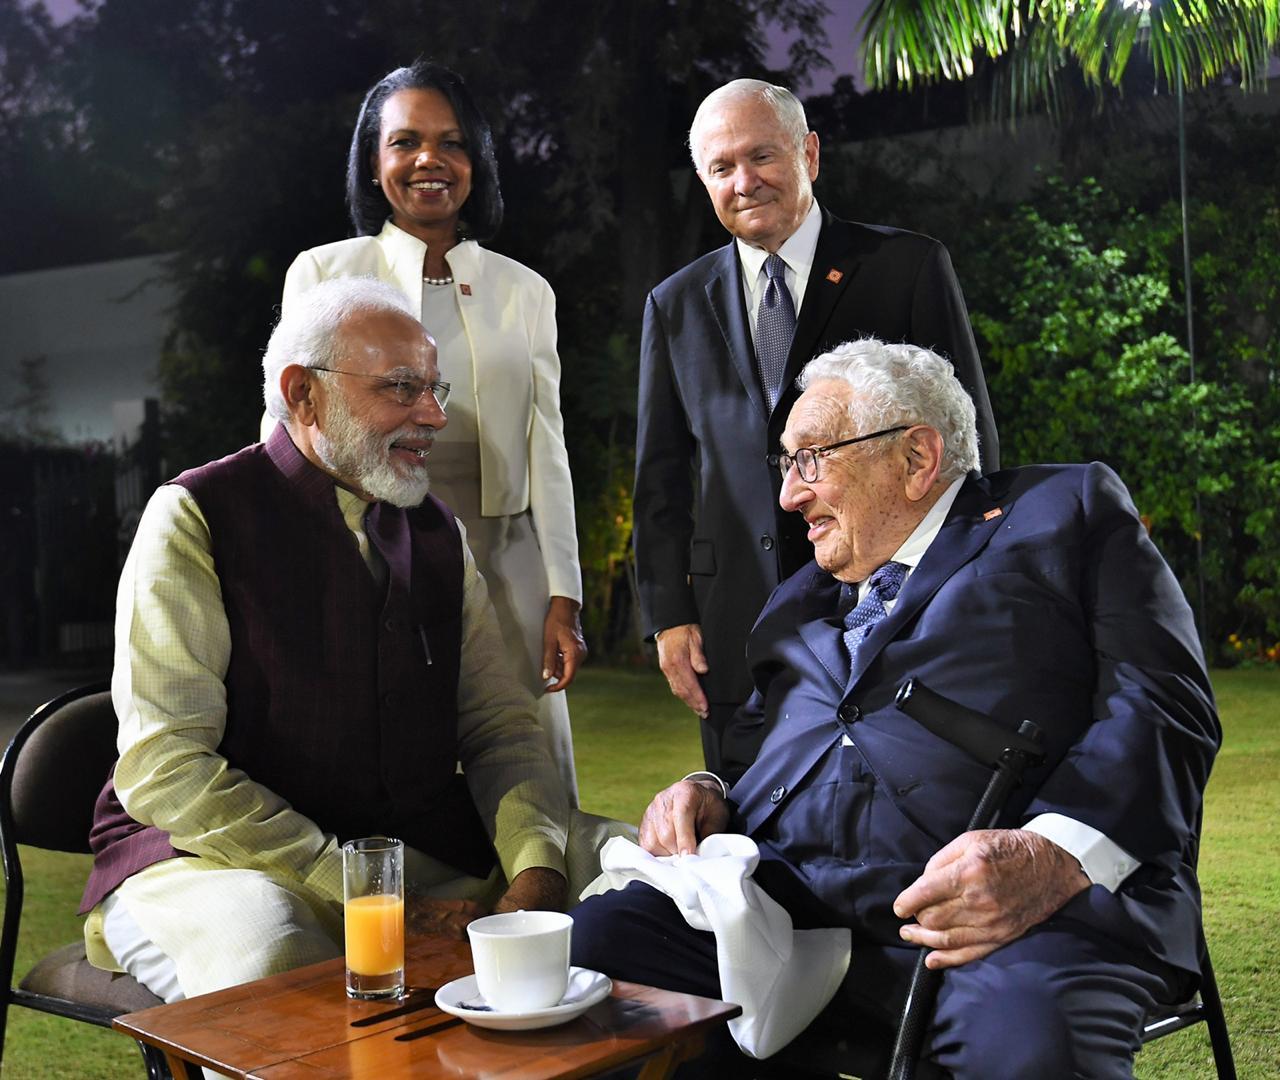 या सगळ्या मान्यवारांच्या बैठकीलाही पंतप्रधानांनी संबोधीत केलं. त्यानंतर आपल्या निवासस्थानी त्यांनी सर्व दिग्गज नेते आणि मान्यवरांशी अनौपचारिक संवाद साधला.